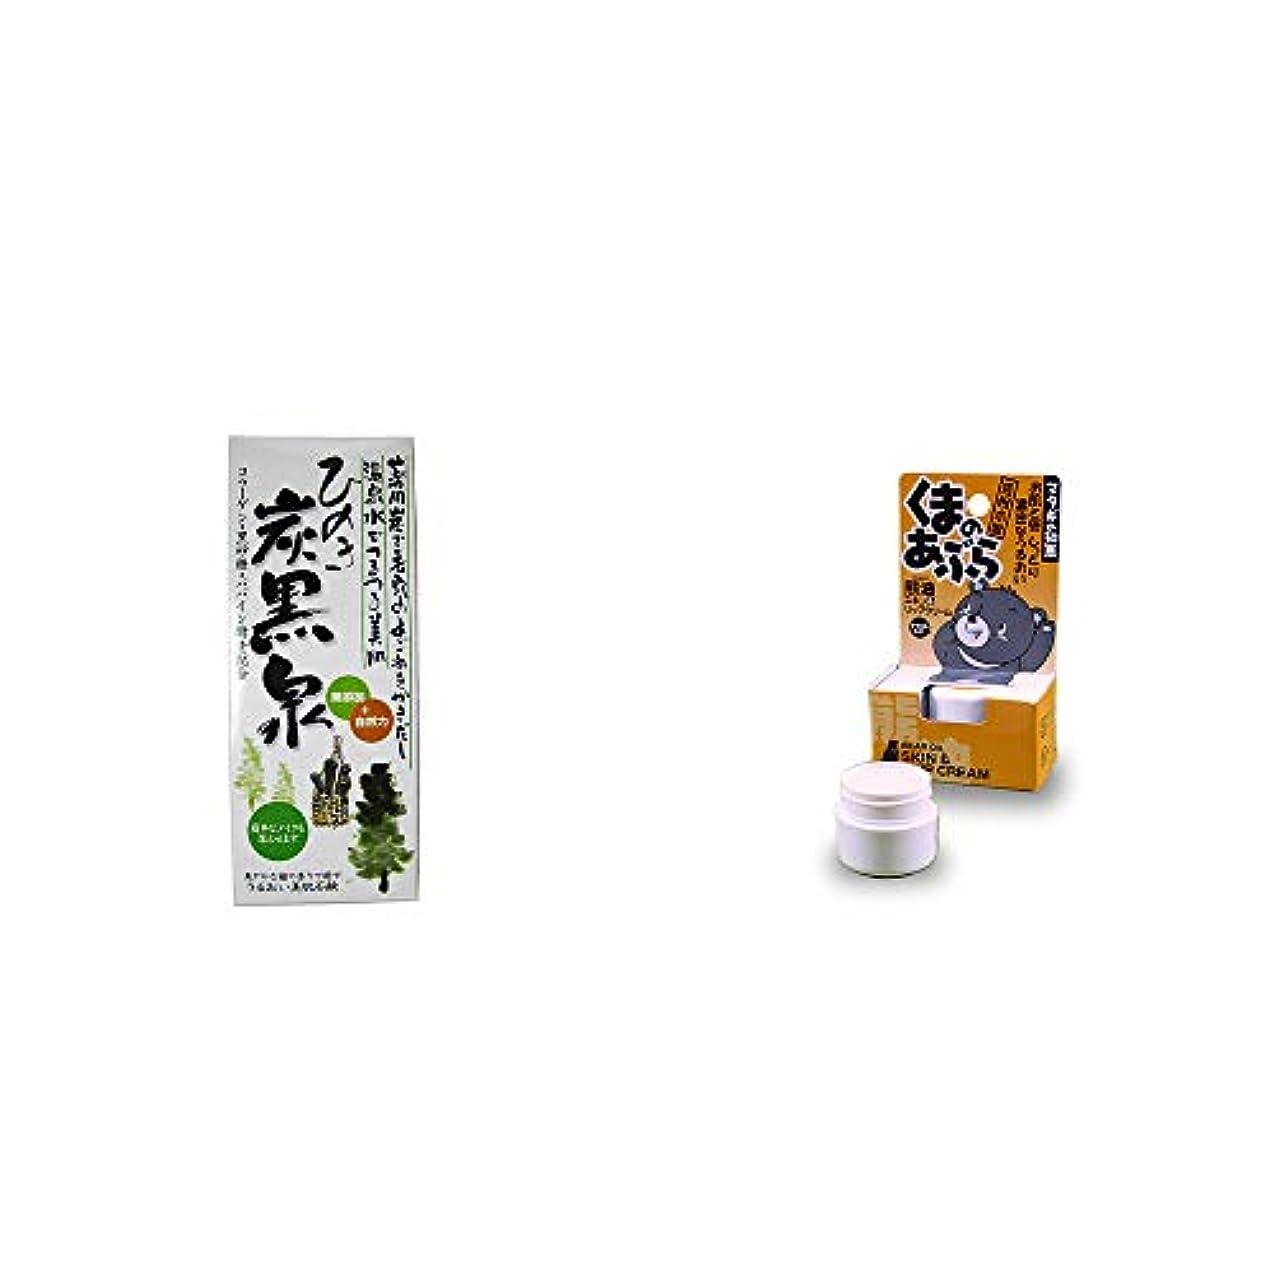 モンゴメリーテザー聖なる[2点セット] ひのき炭黒泉 箱入り(75g×3)?信州木曽 くまのあぶら 熊油スキン&リップクリーム(9g)